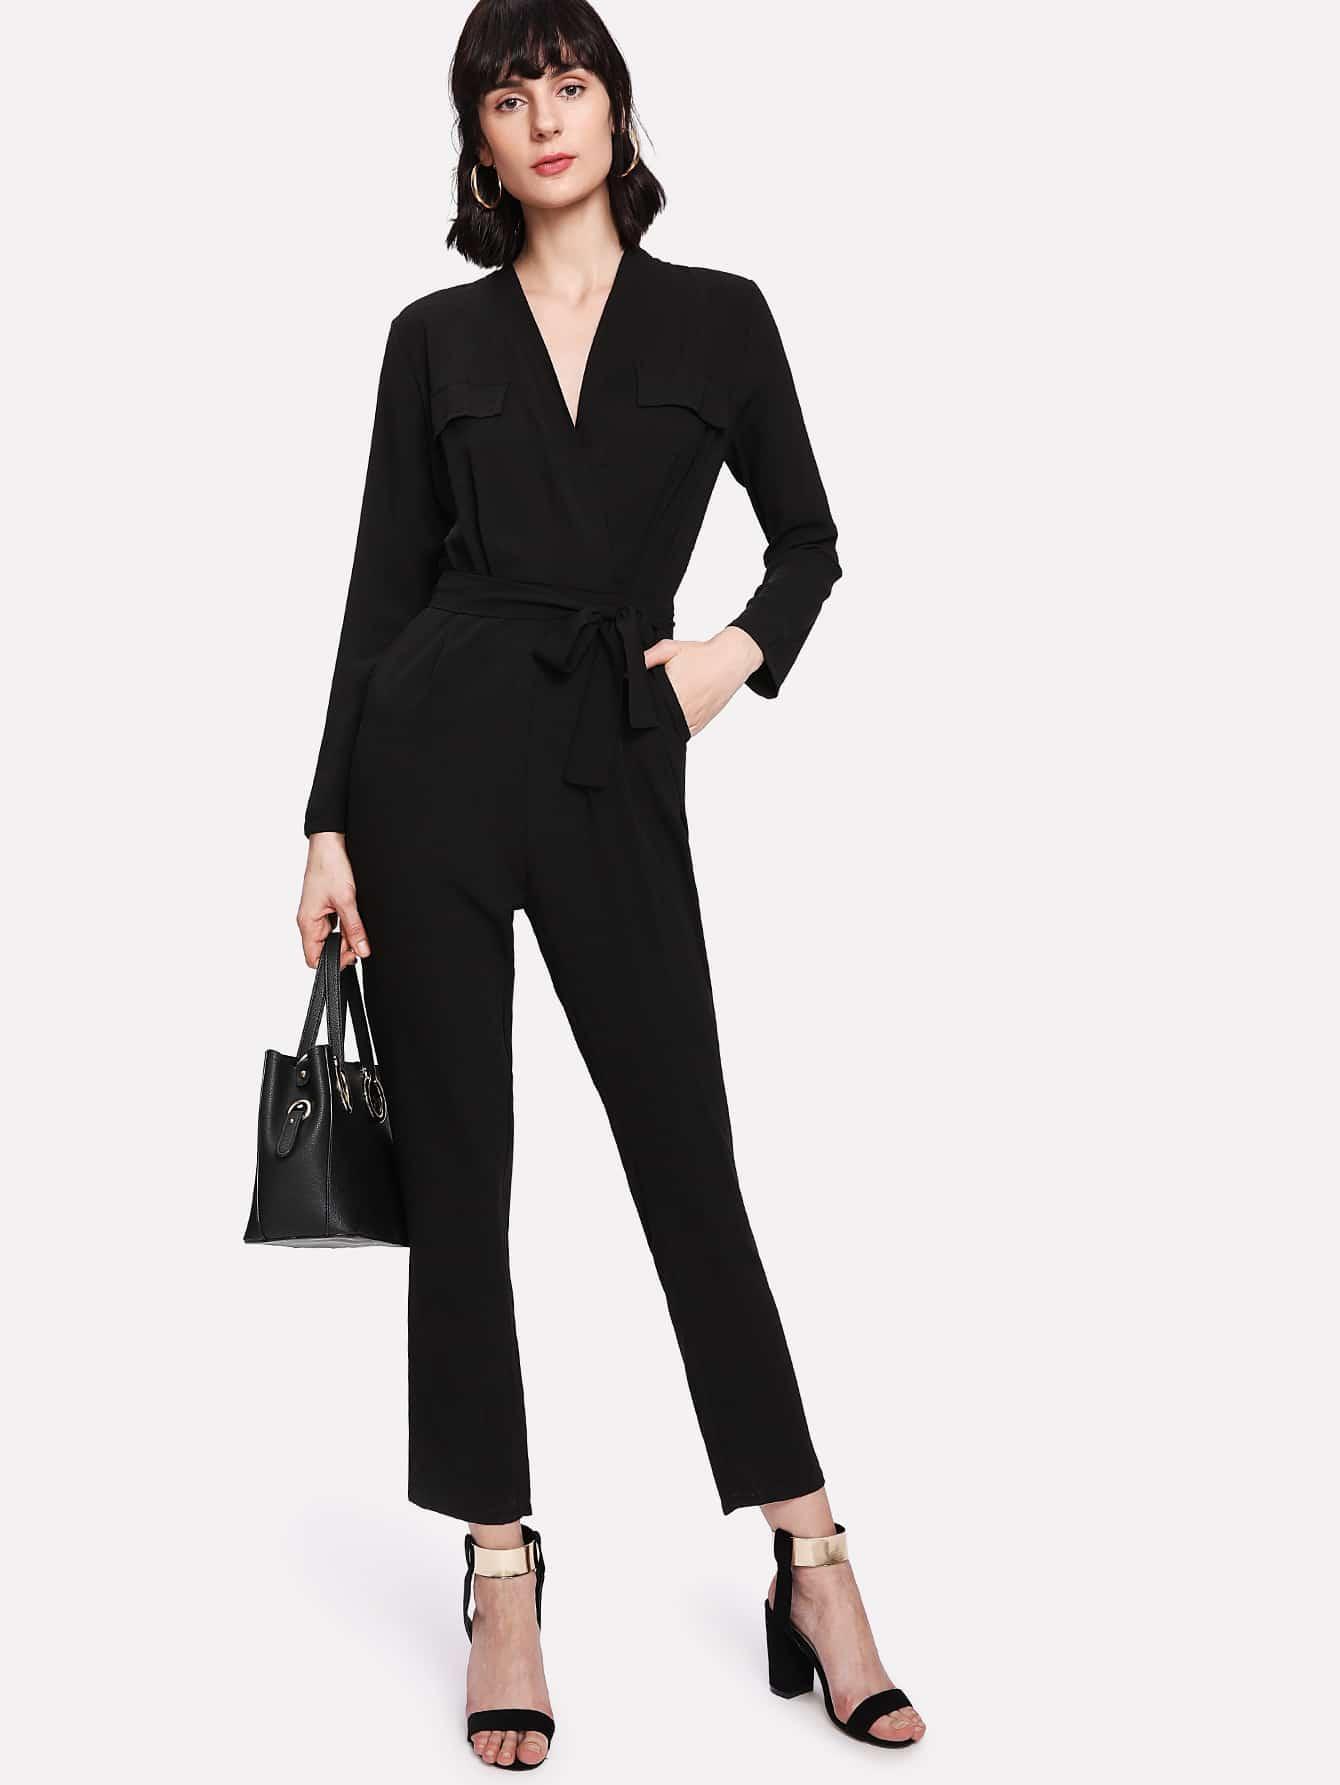 V Neckline Self Tie Waist Jumpsuit plus size lace panel longline tank top